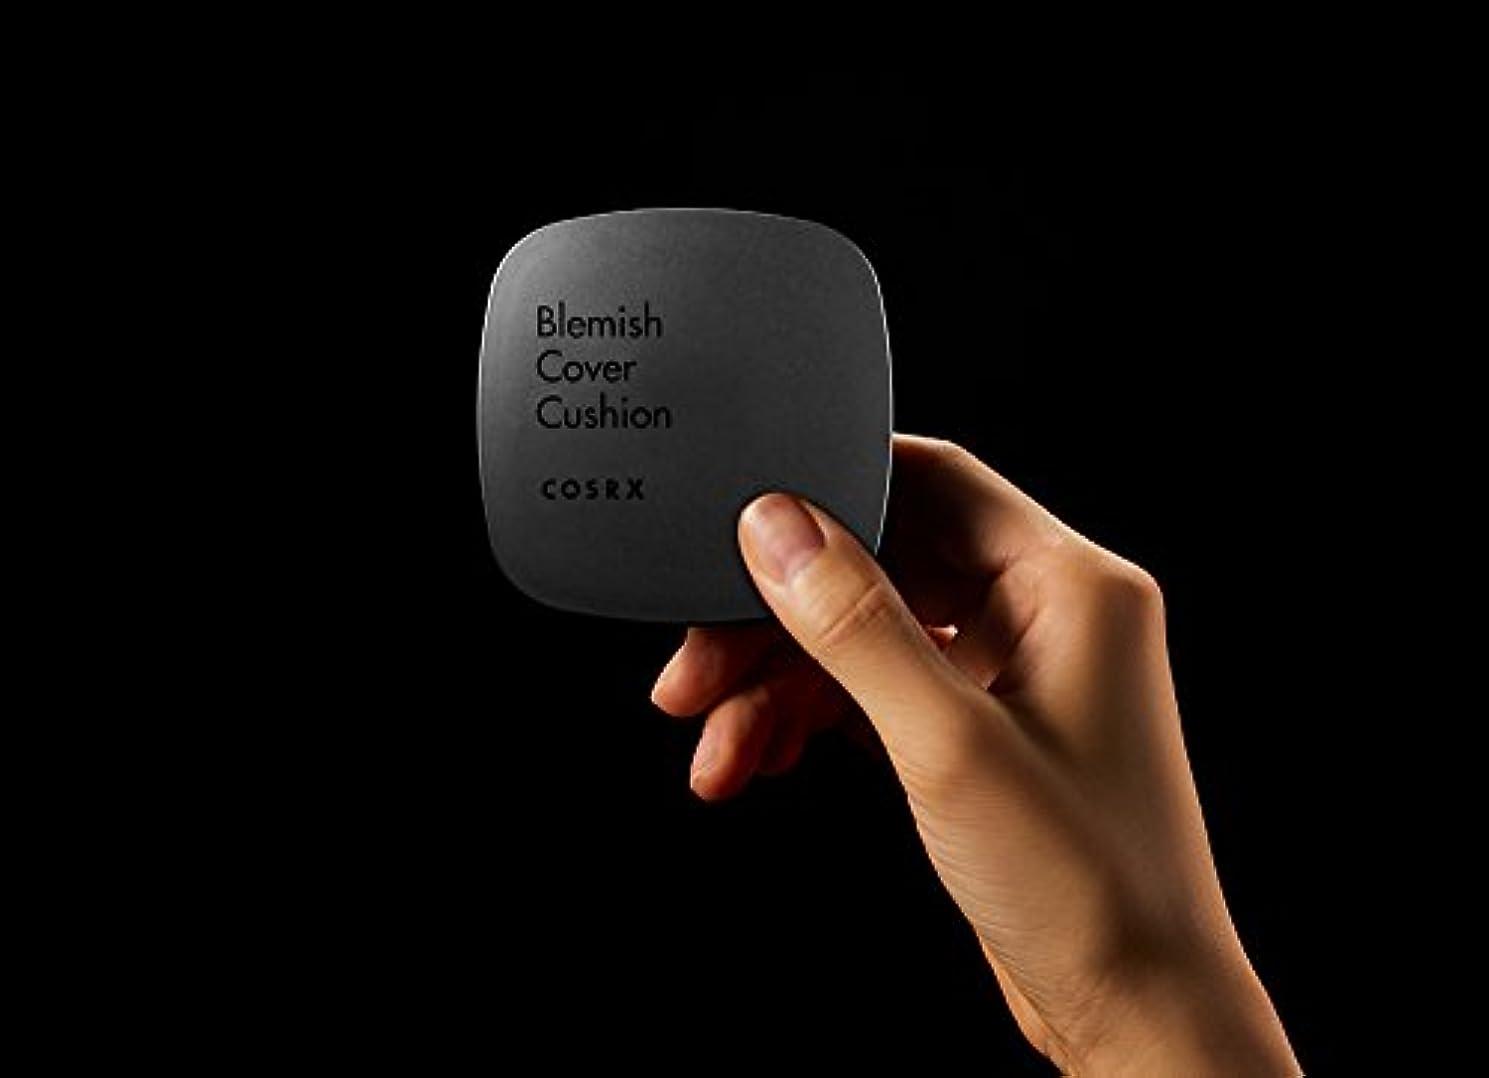 特徴づけるピーク炭水化物[ RENEWAL!! ] COSRX Clear Cover Blemish Cushion 15g SPF47 PA++/COSRX クリアカバー ブレミッシュ クッション 15g SPF47 PA++ (#23 Natural) [並行輸入品]